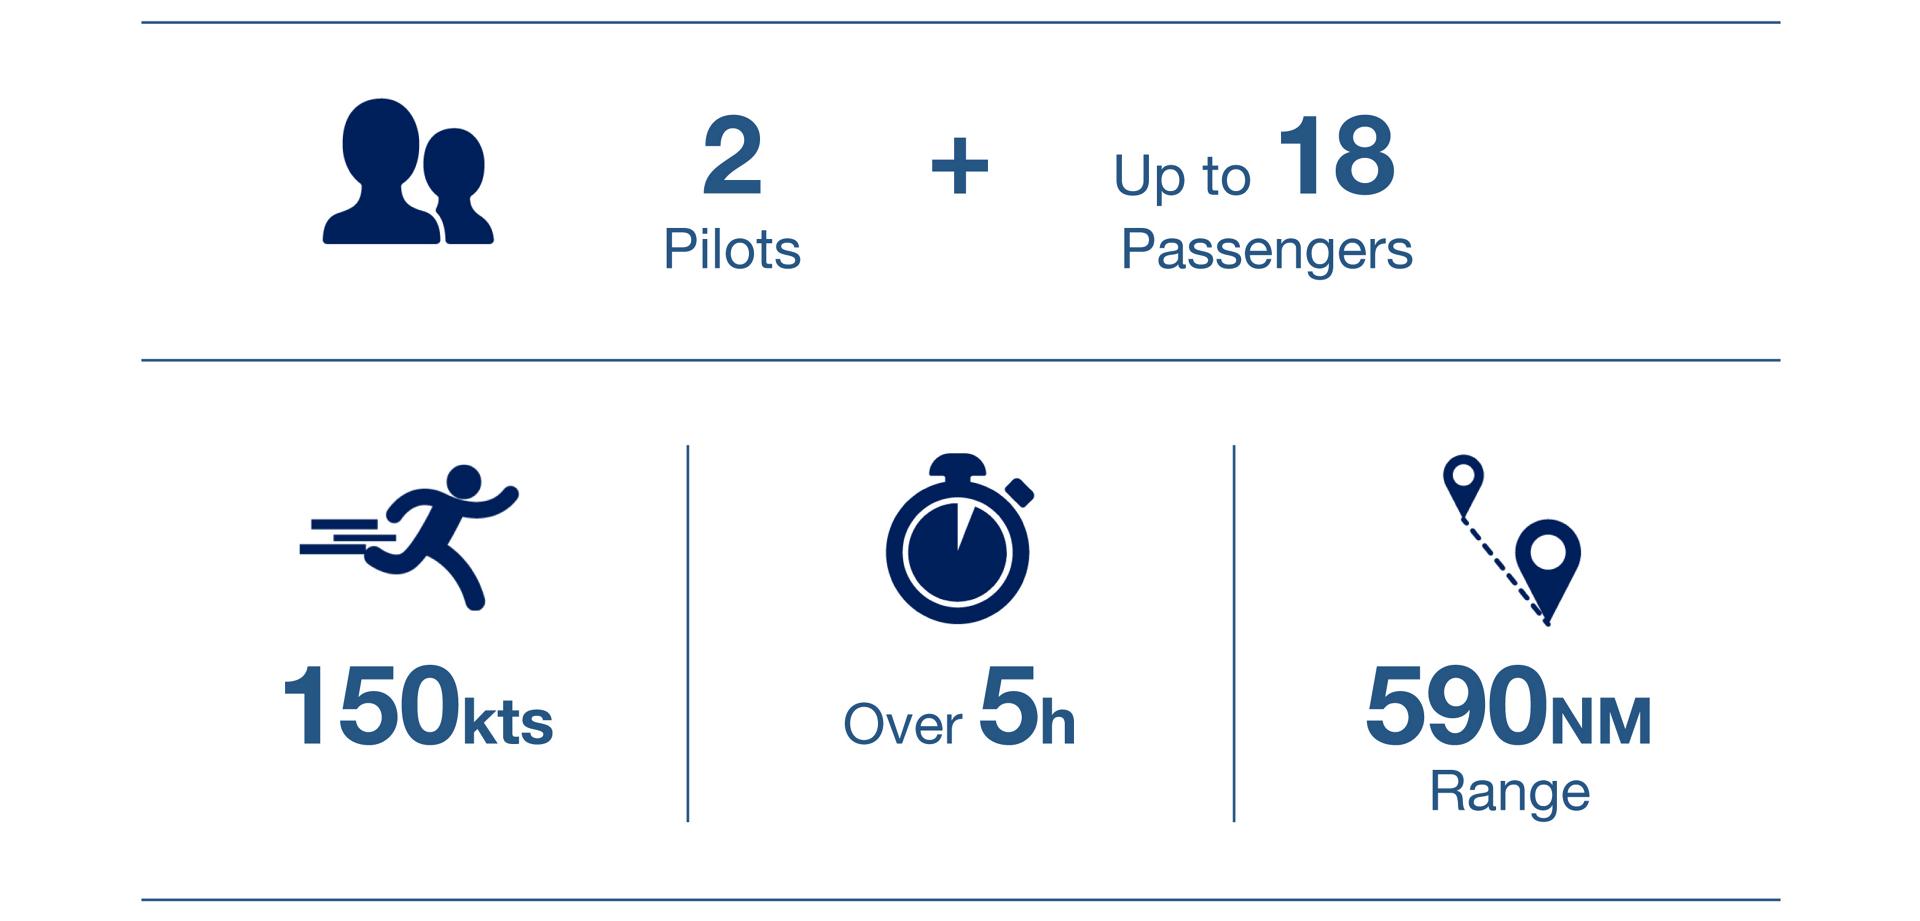 显示空客H175直升机关键性能指标的信息图表。乐动体育app靠谱吗